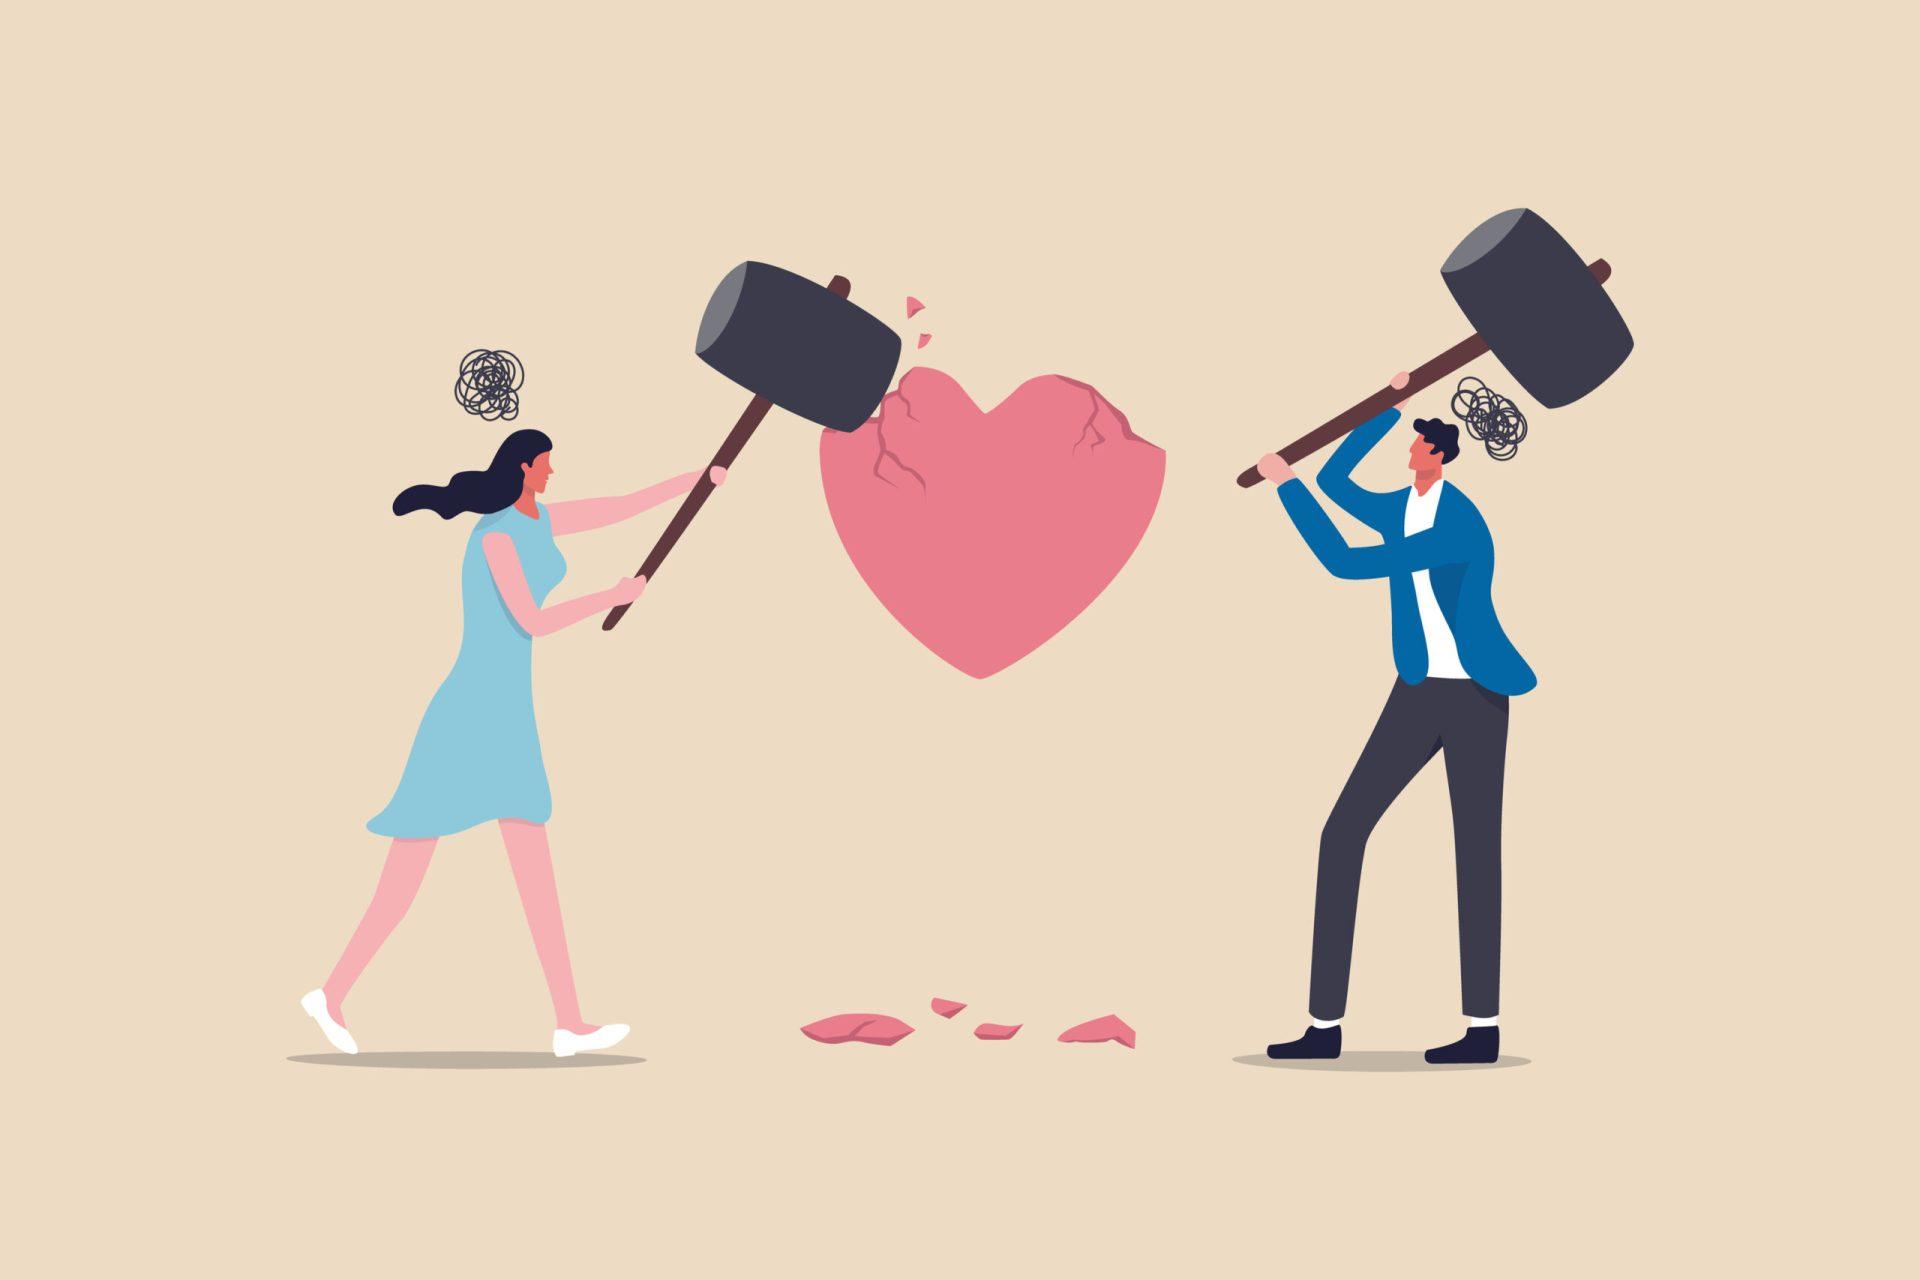 Anxietatea în cuplu creează distanță între cei doi parteneri